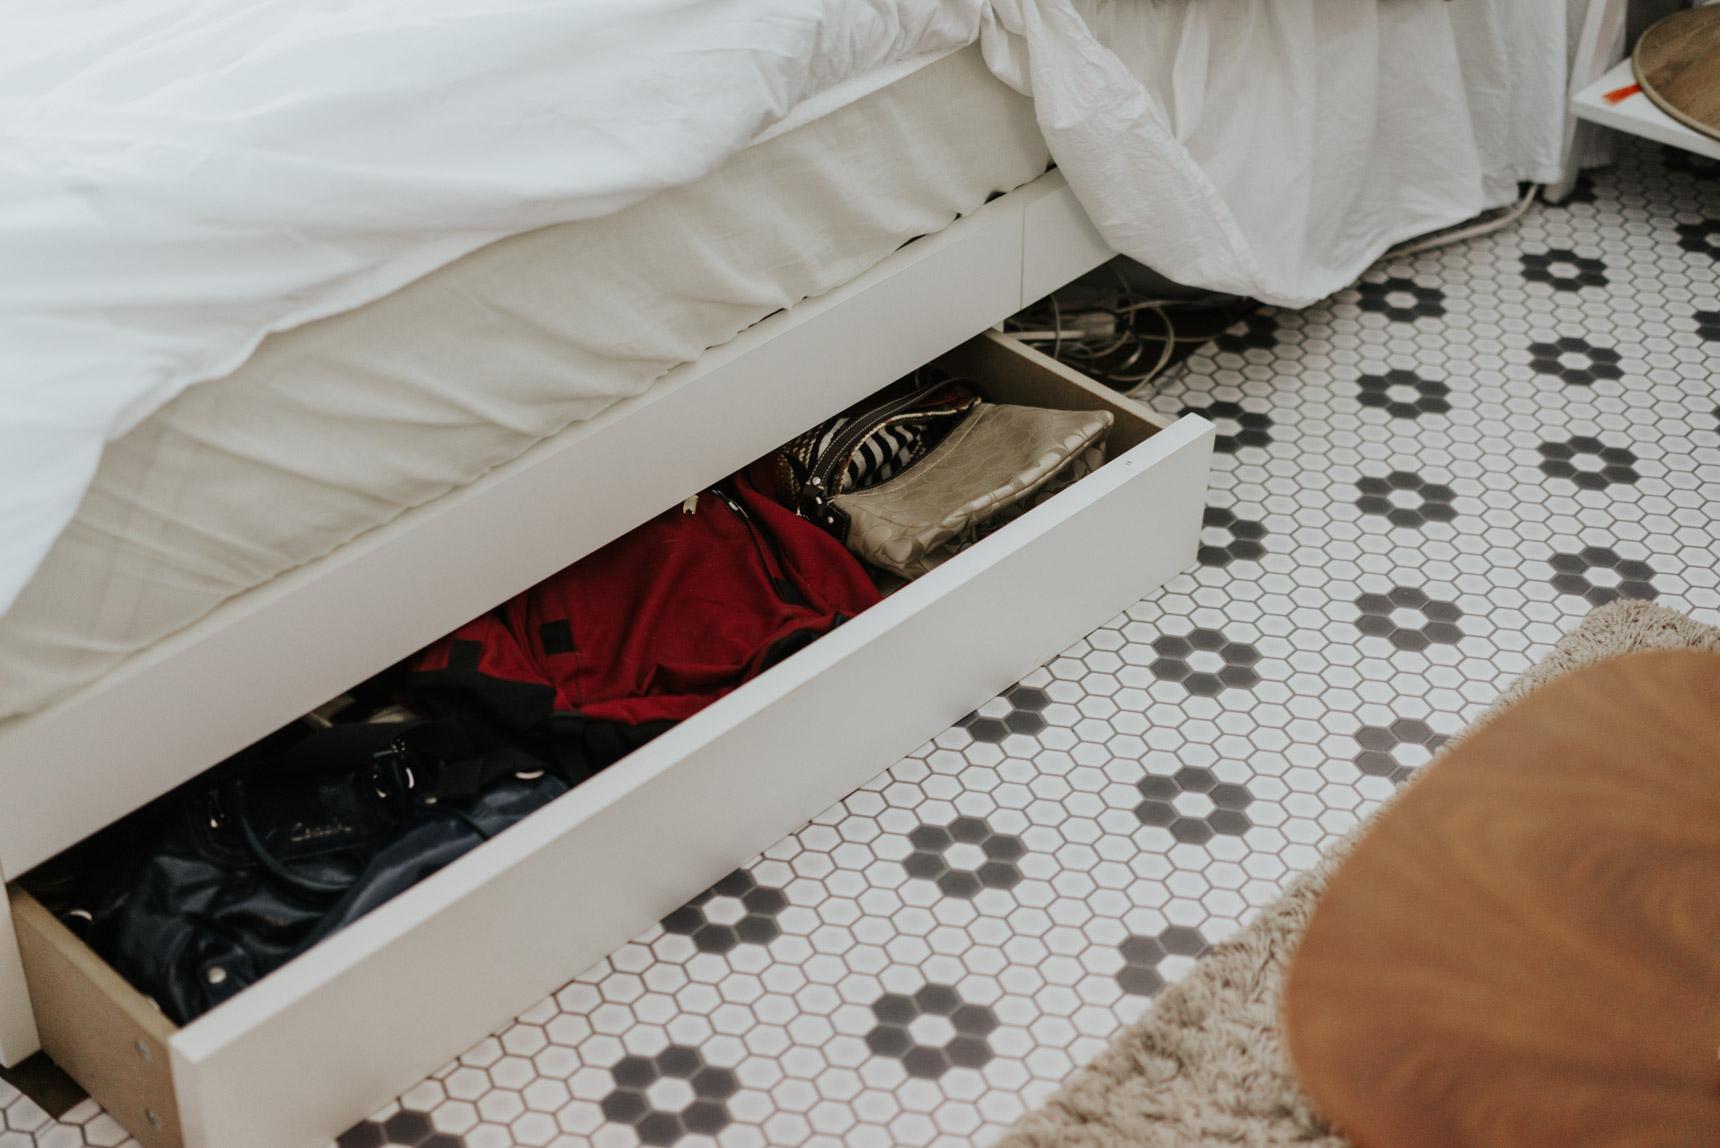 ベッドは、引き出し付きのものを選んで、バッグなどを収納。とここまでは普通ですが…